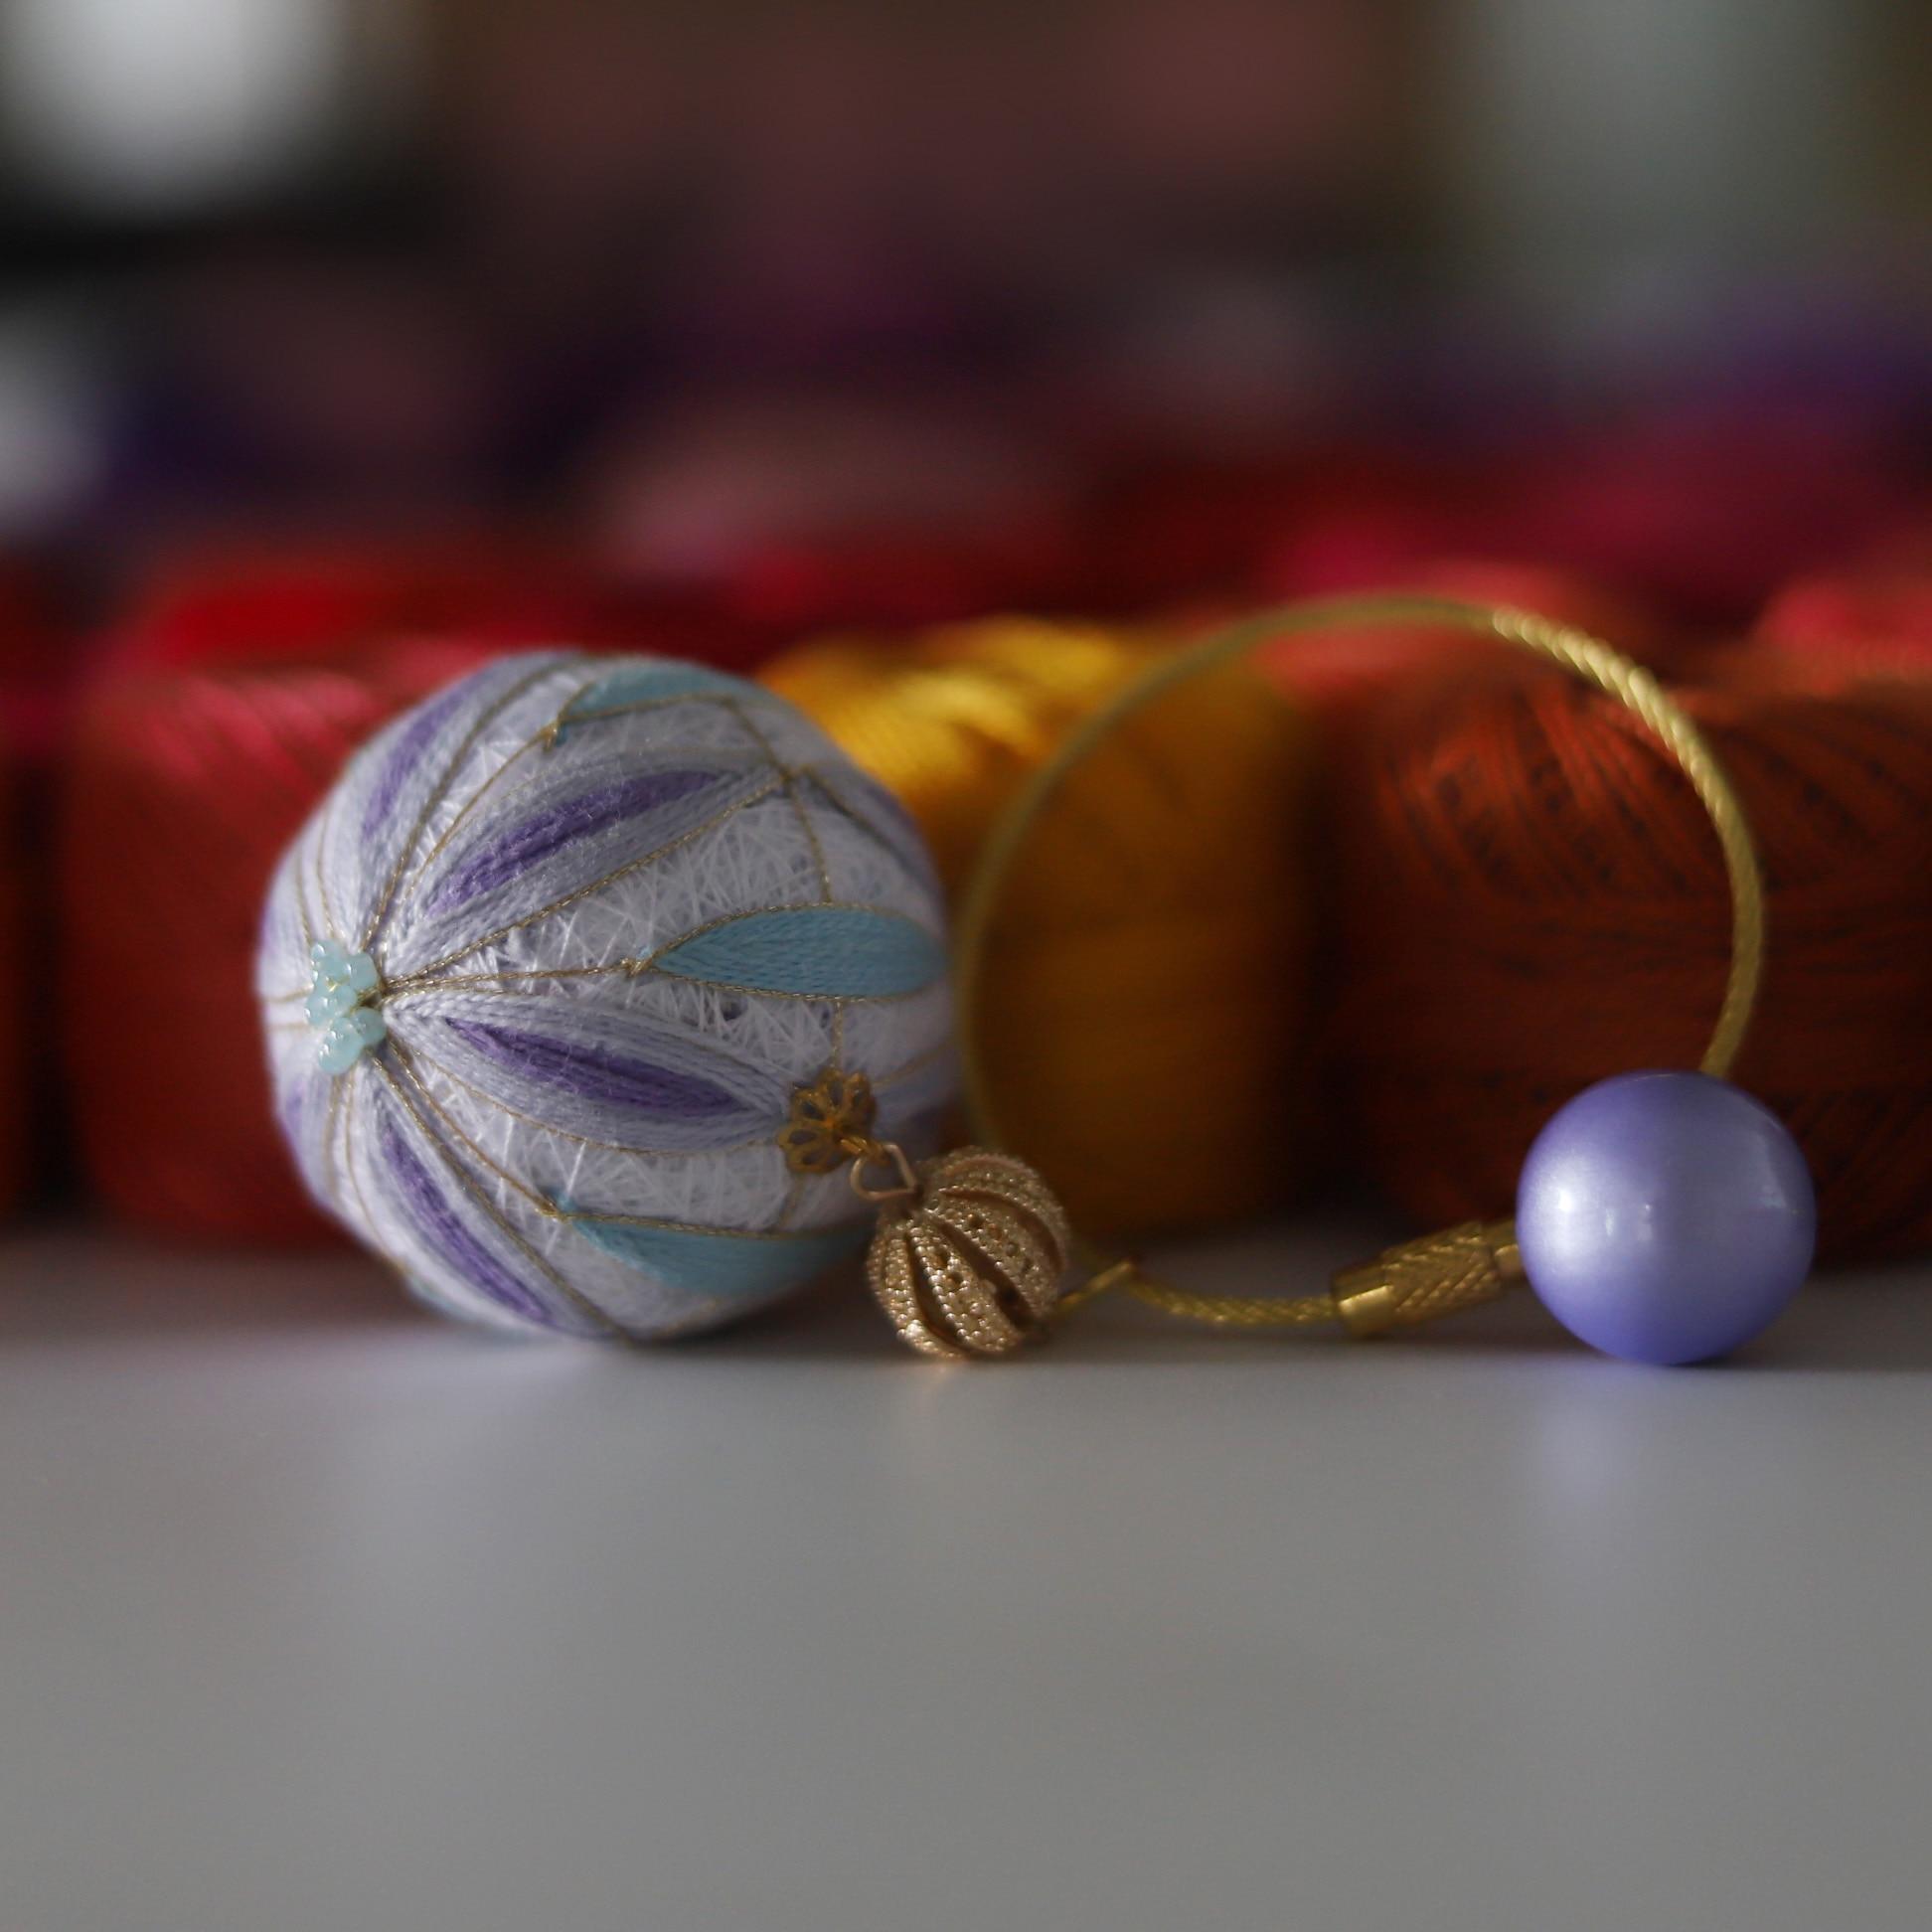 150 цветов, хлопковая нить для вышивки жемчугом, размер 8, кружевная нить для вязания крючком, 5 грамм, двойная мерсеризованная Египетский хлопок